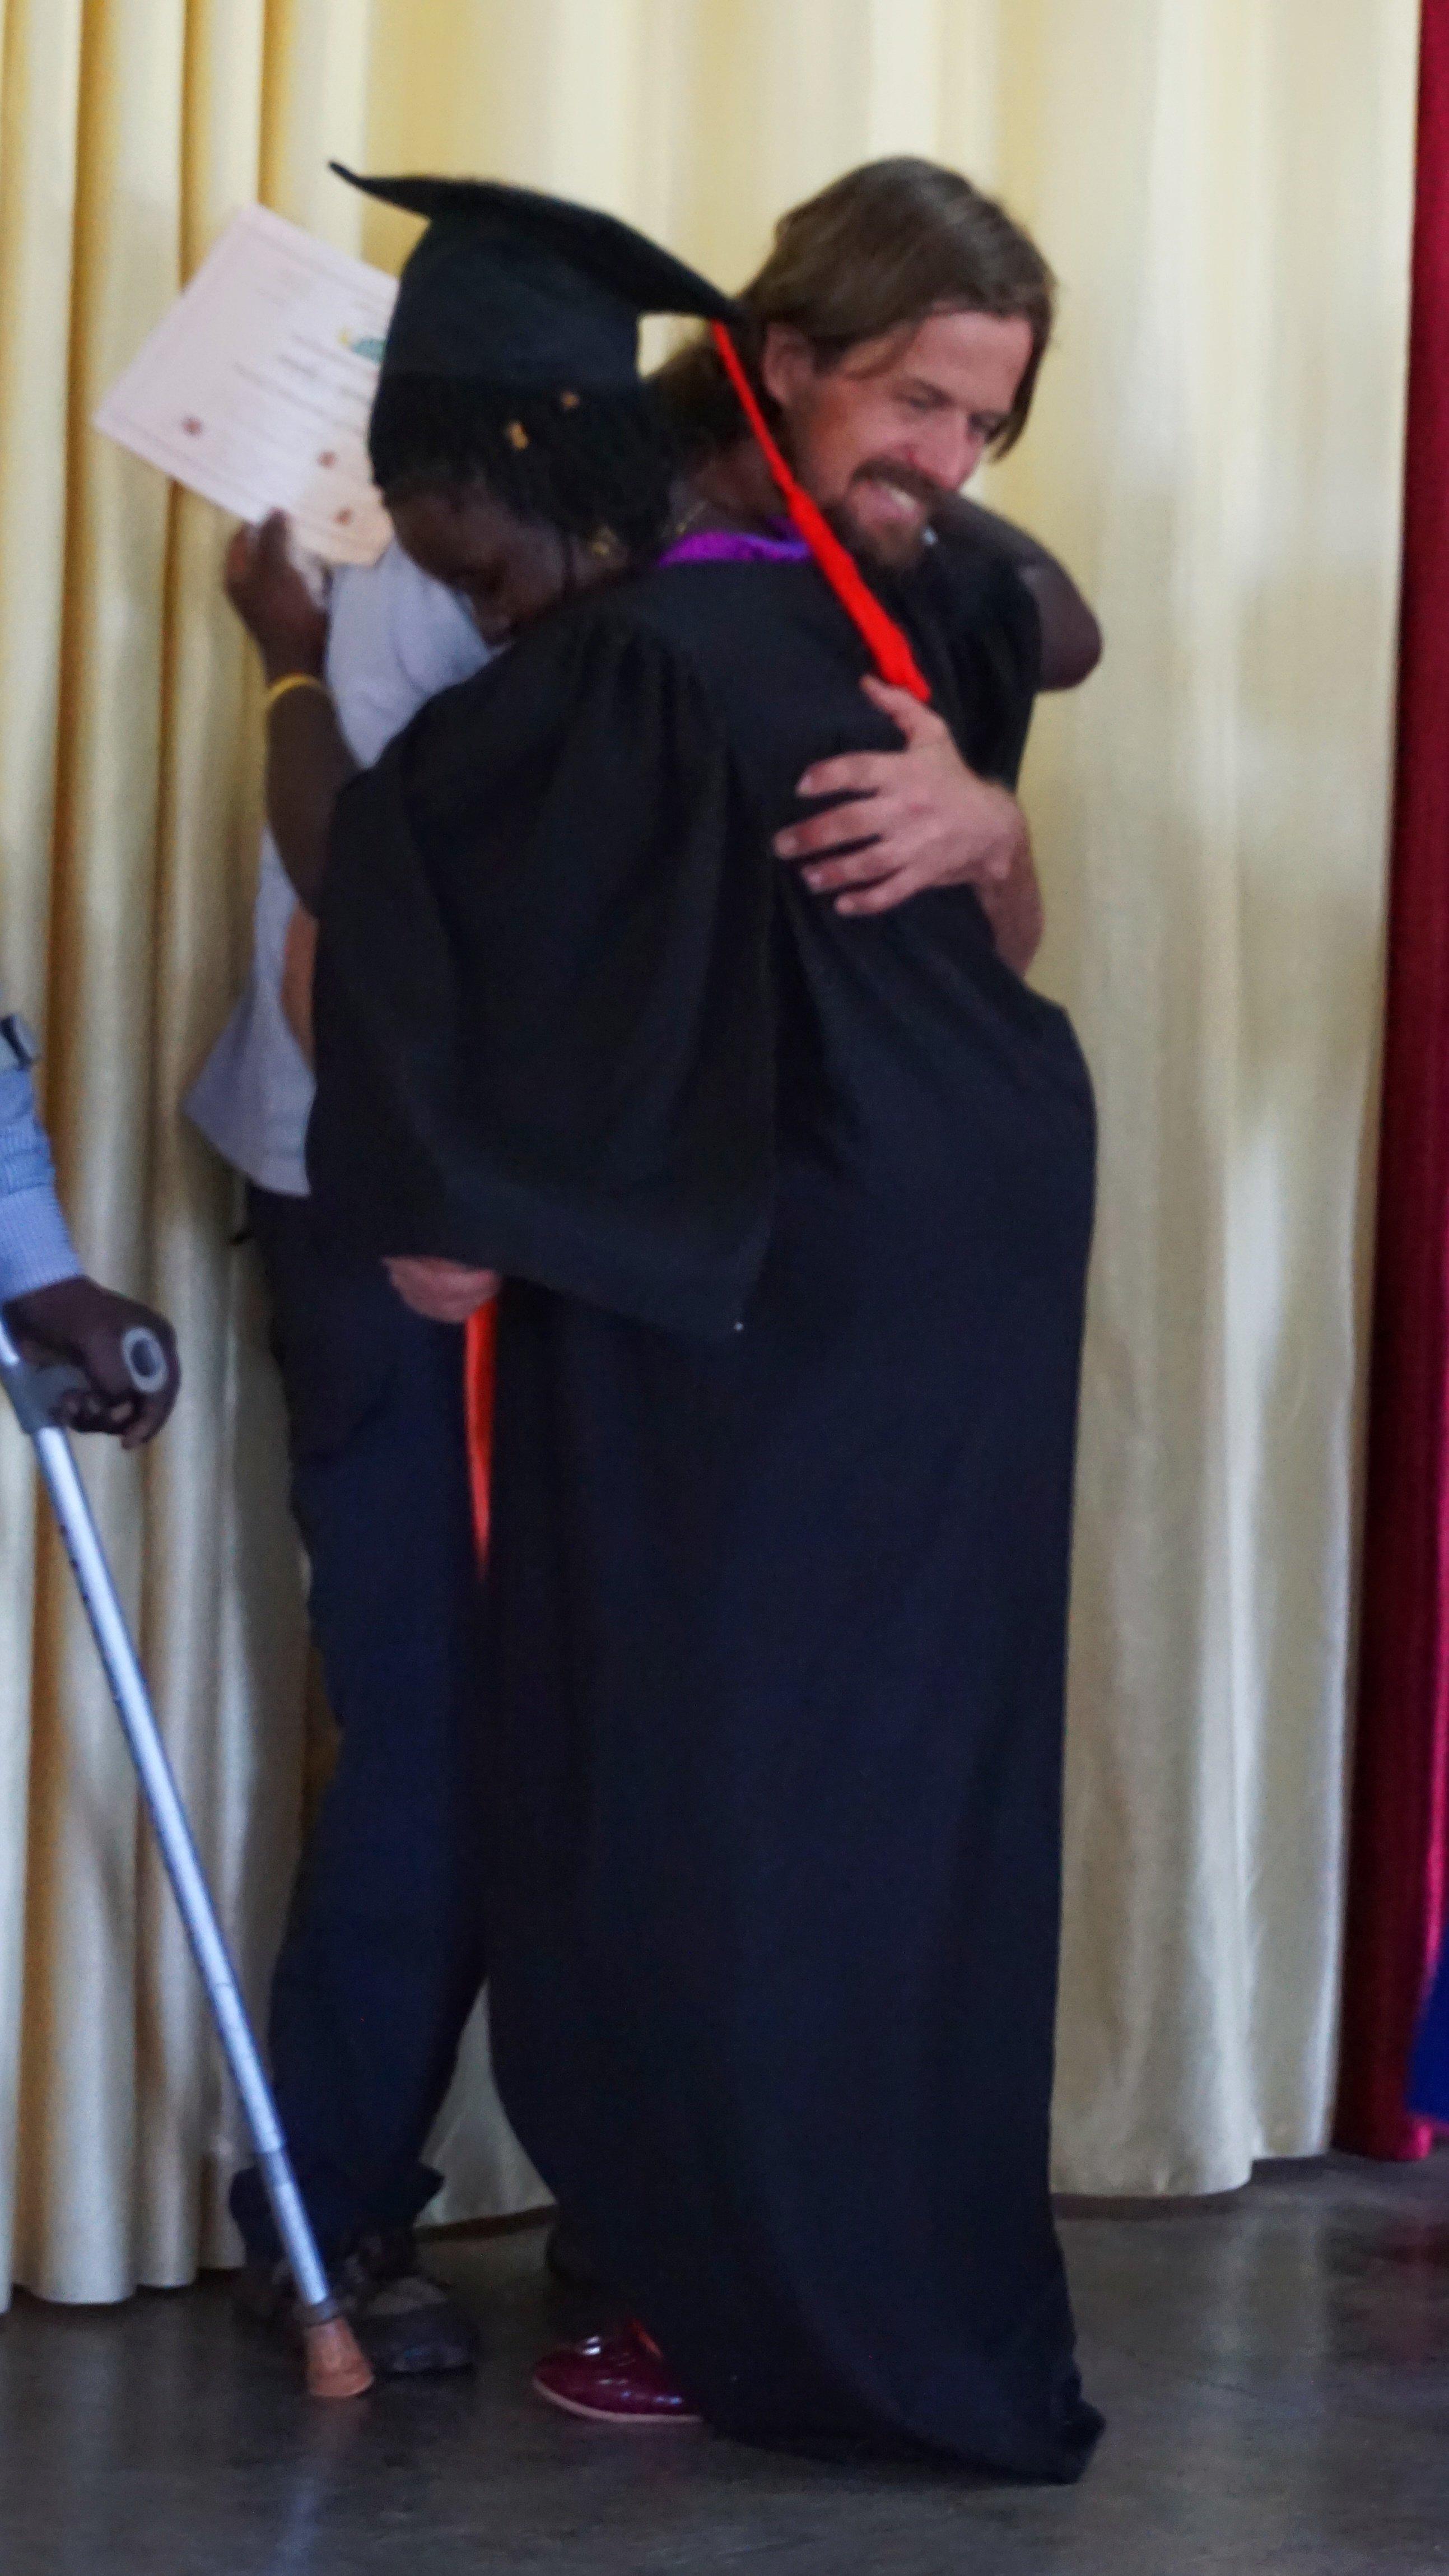 Tim hugs a graduate